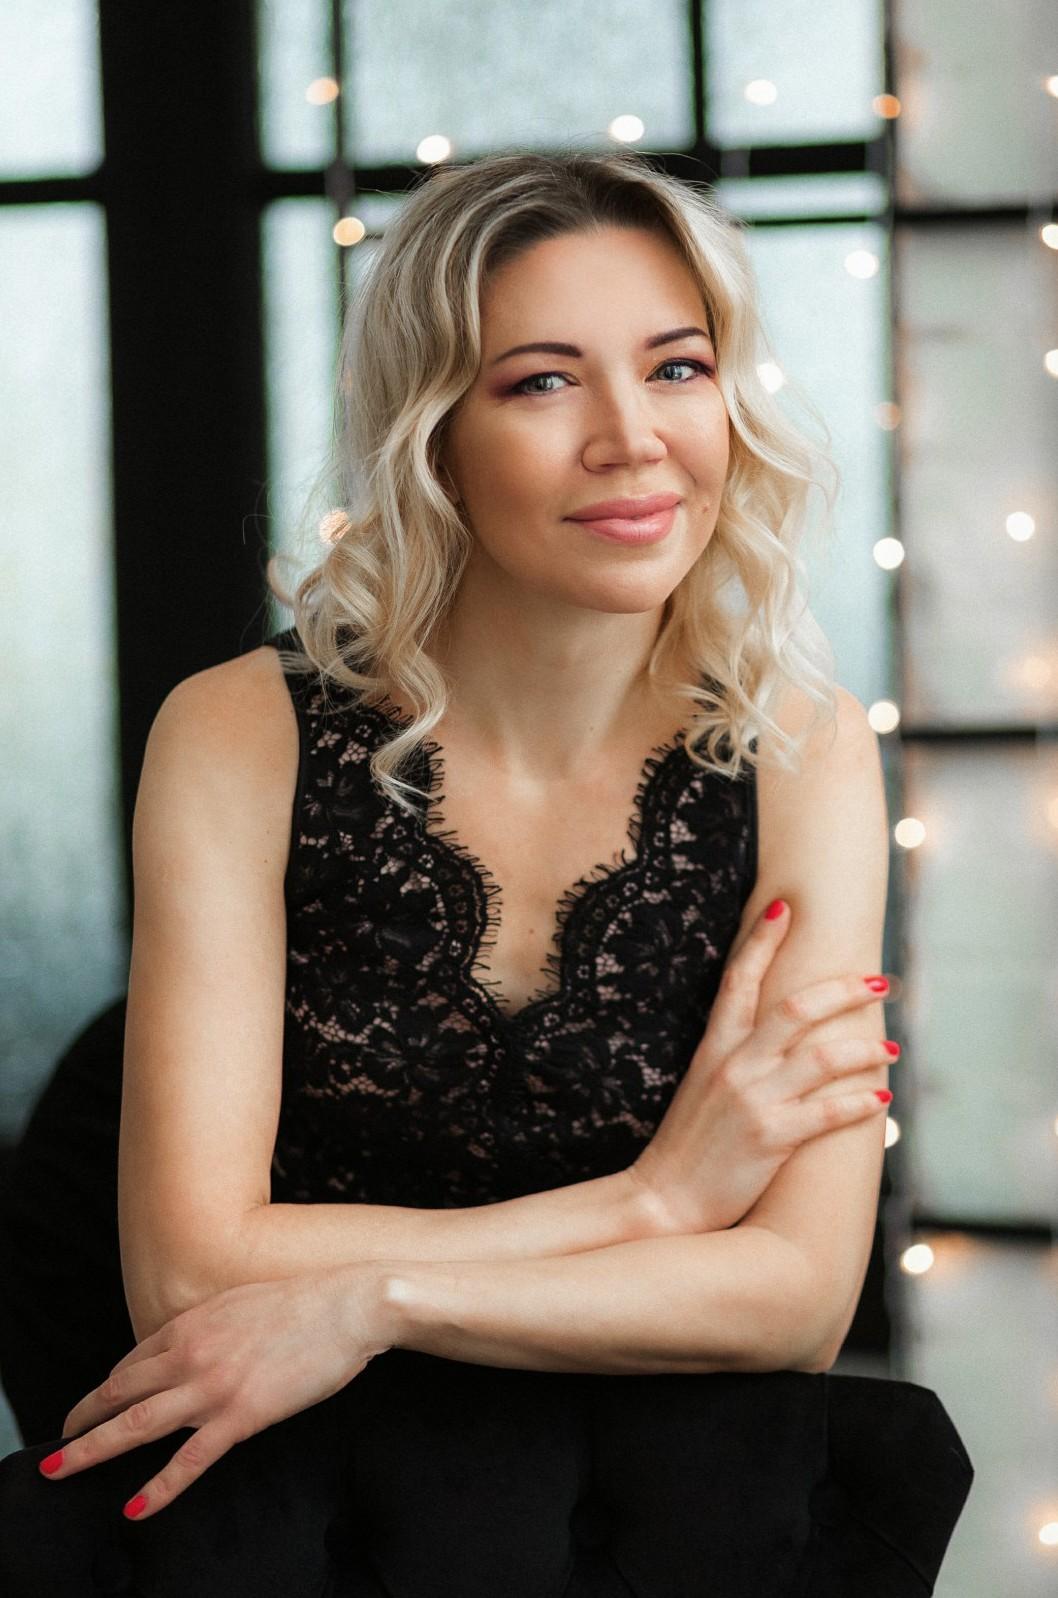 Agence matrimoniale rencontre de Elena  femme célibataire de 44 ans, Nantes.